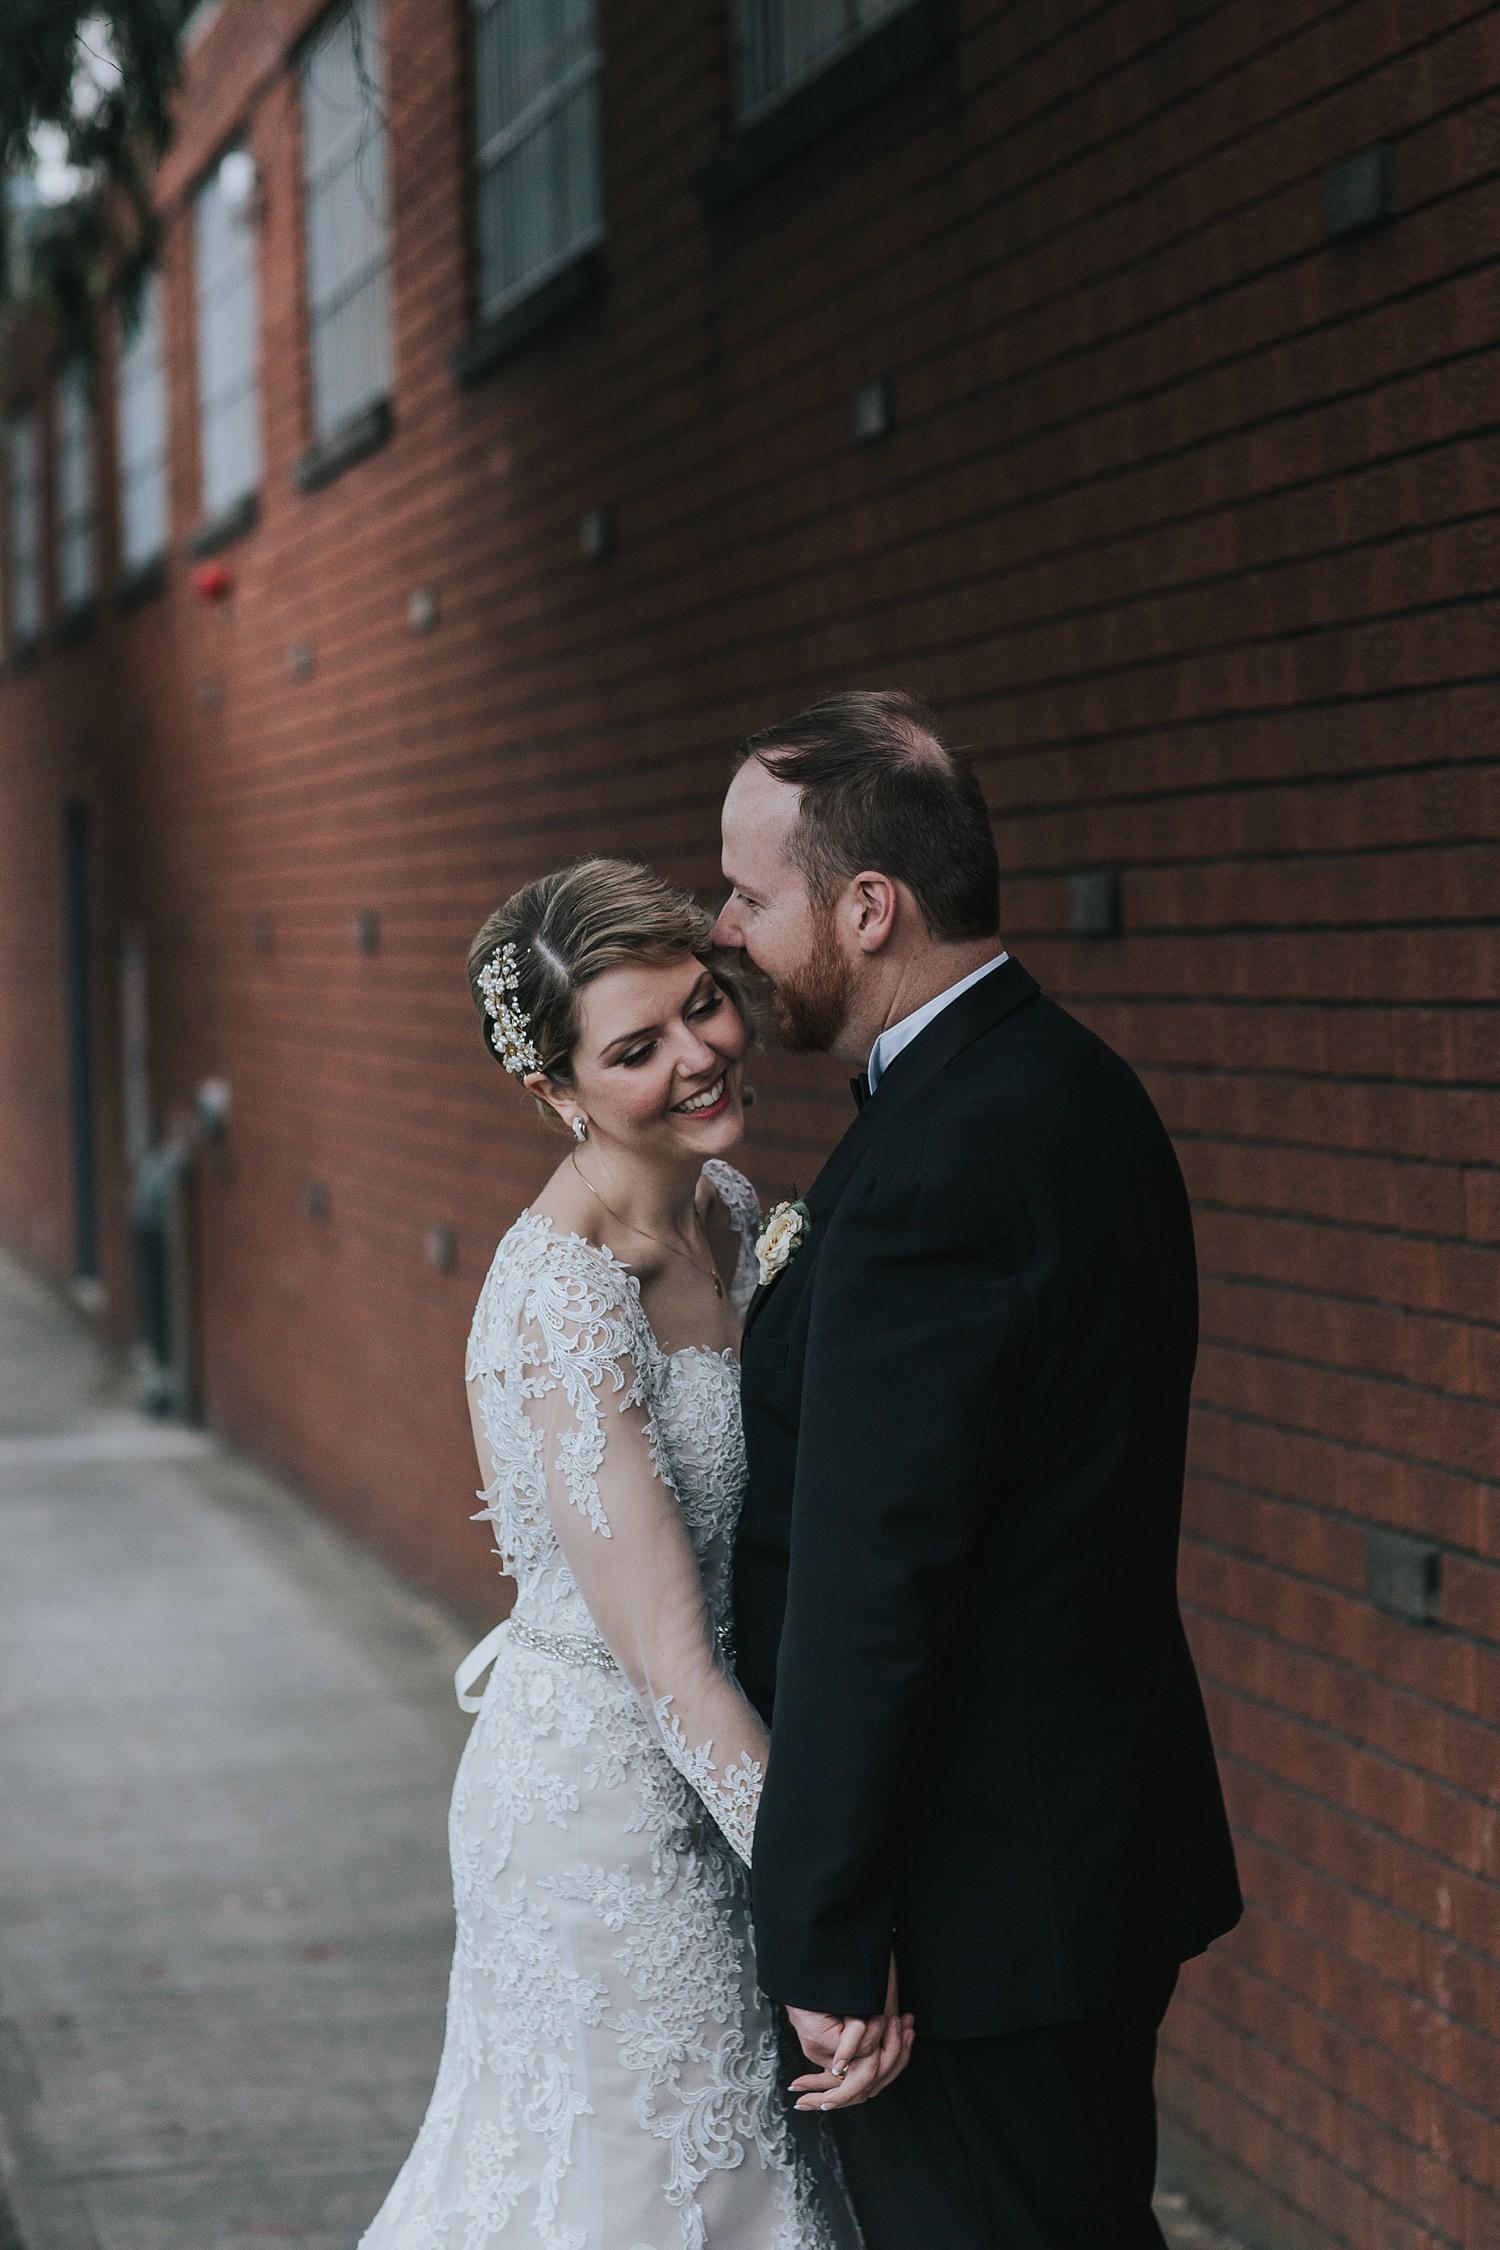 timeless wedding photos at fairground follies